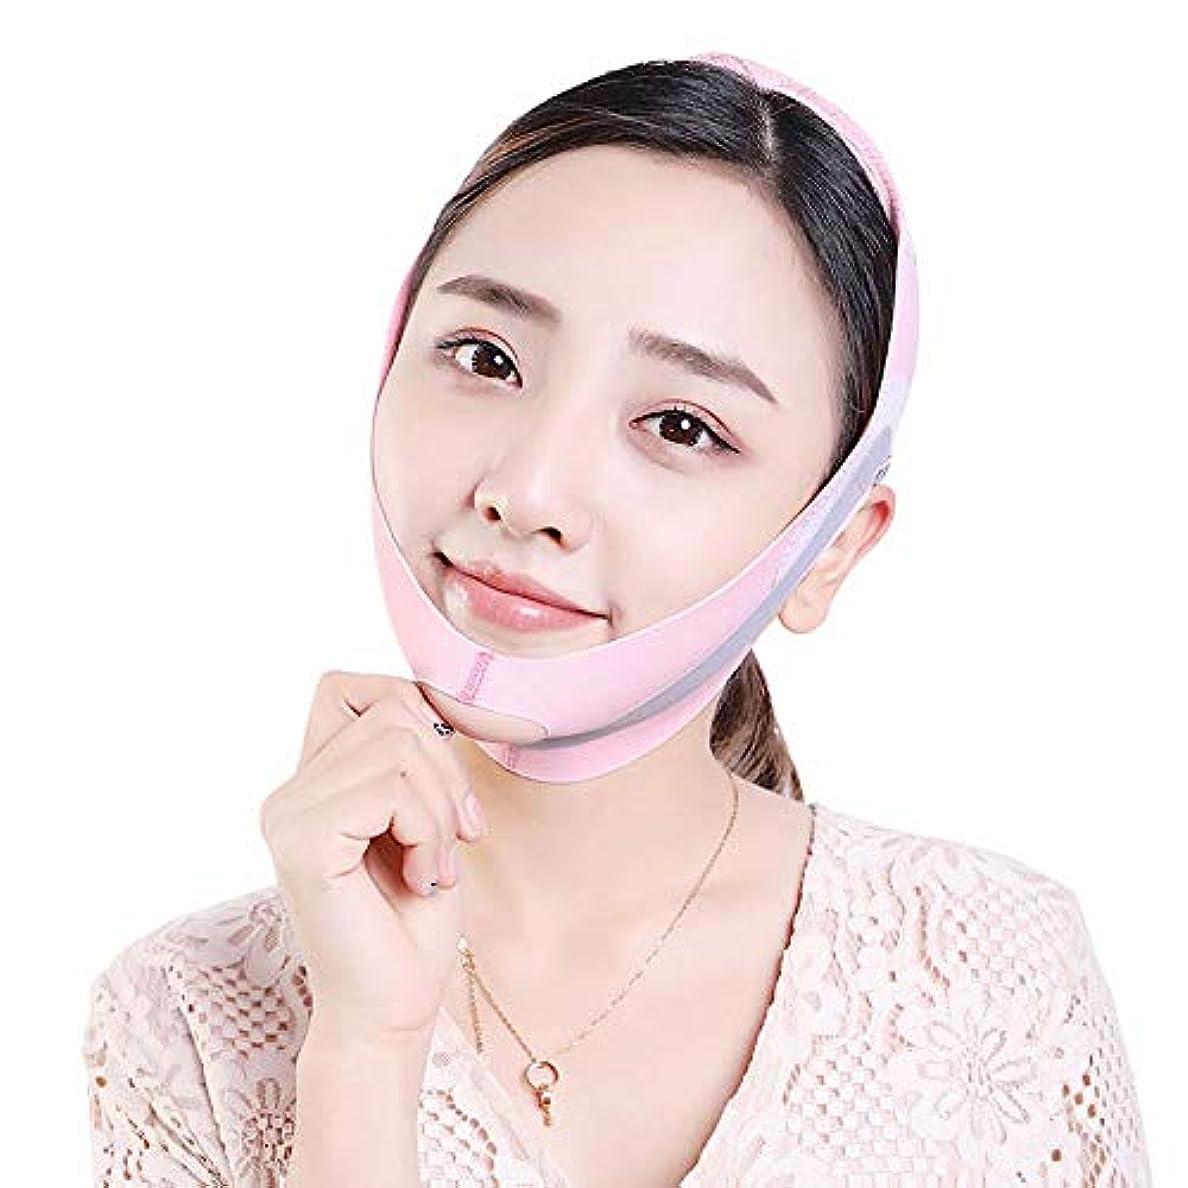 放課後不一致遅いたるみを防ぐために顔を持ち上げるために筋肉を引き締めるために二重あごのステッカーとラインを削除するために、顔を持ち上げるアーティファクト包帯があります - ピンク